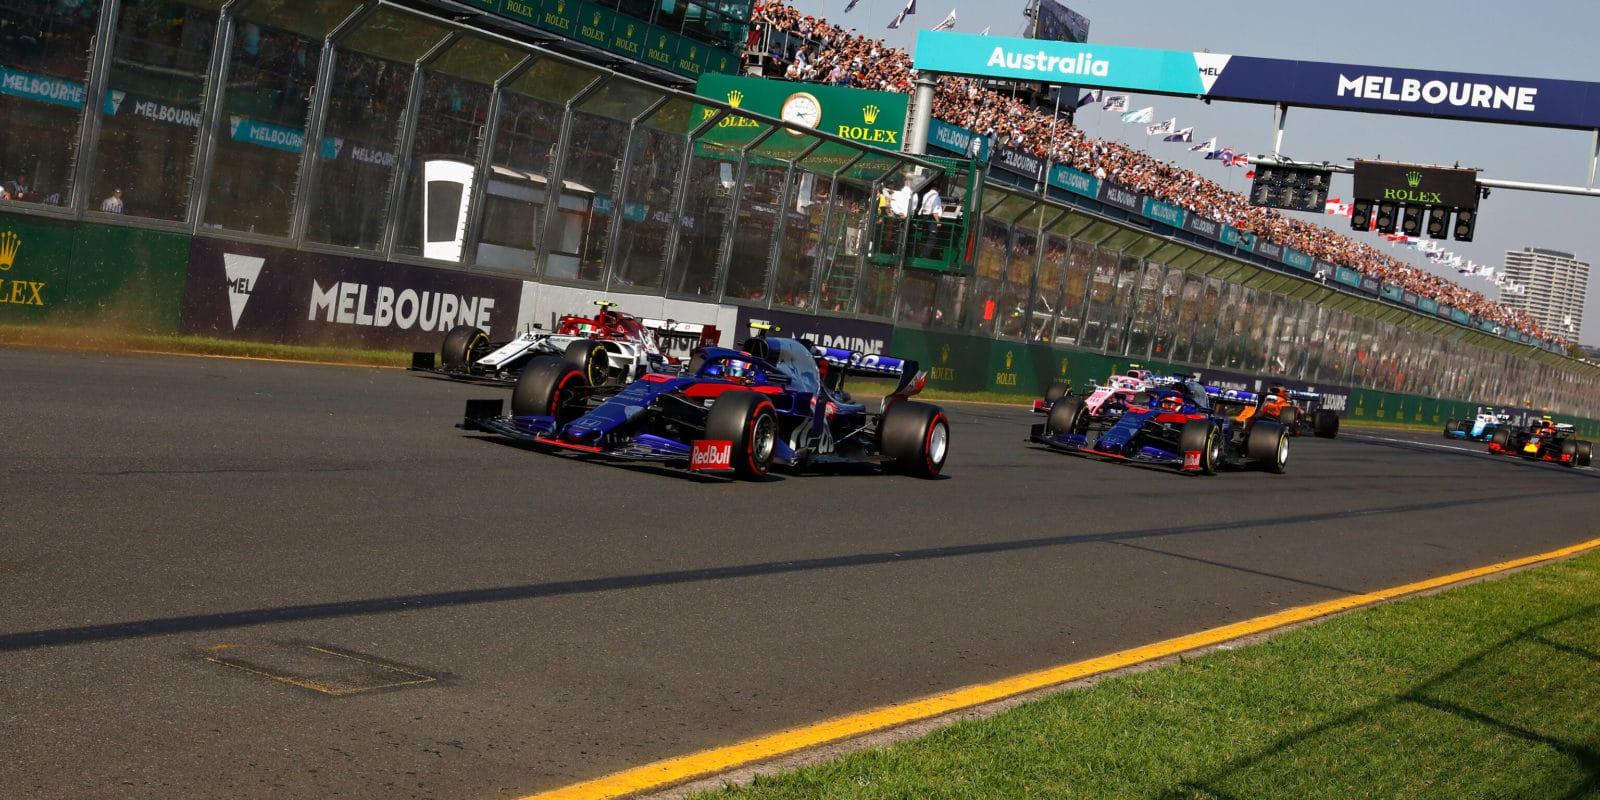 Jezdci přes nová křídla nevidí na světla, FIA hledá řešení